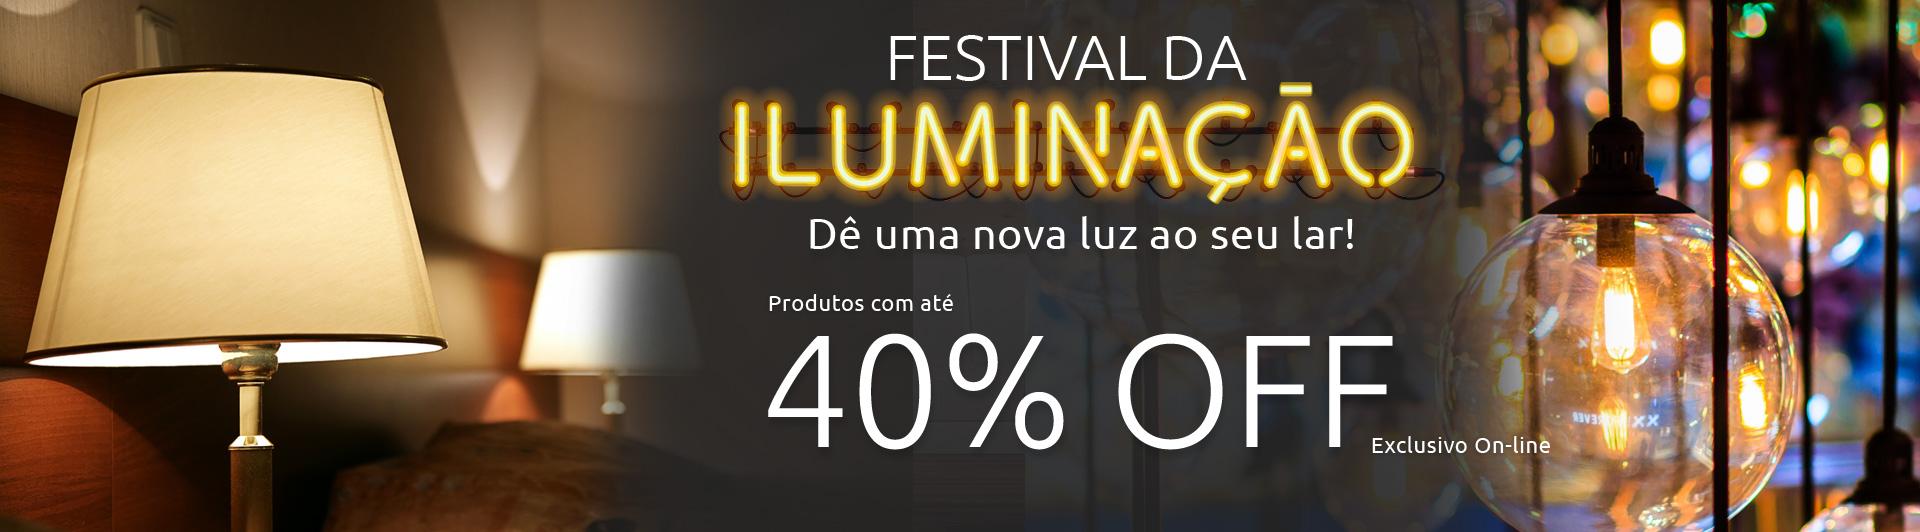 Banner - Festival de Iluminação